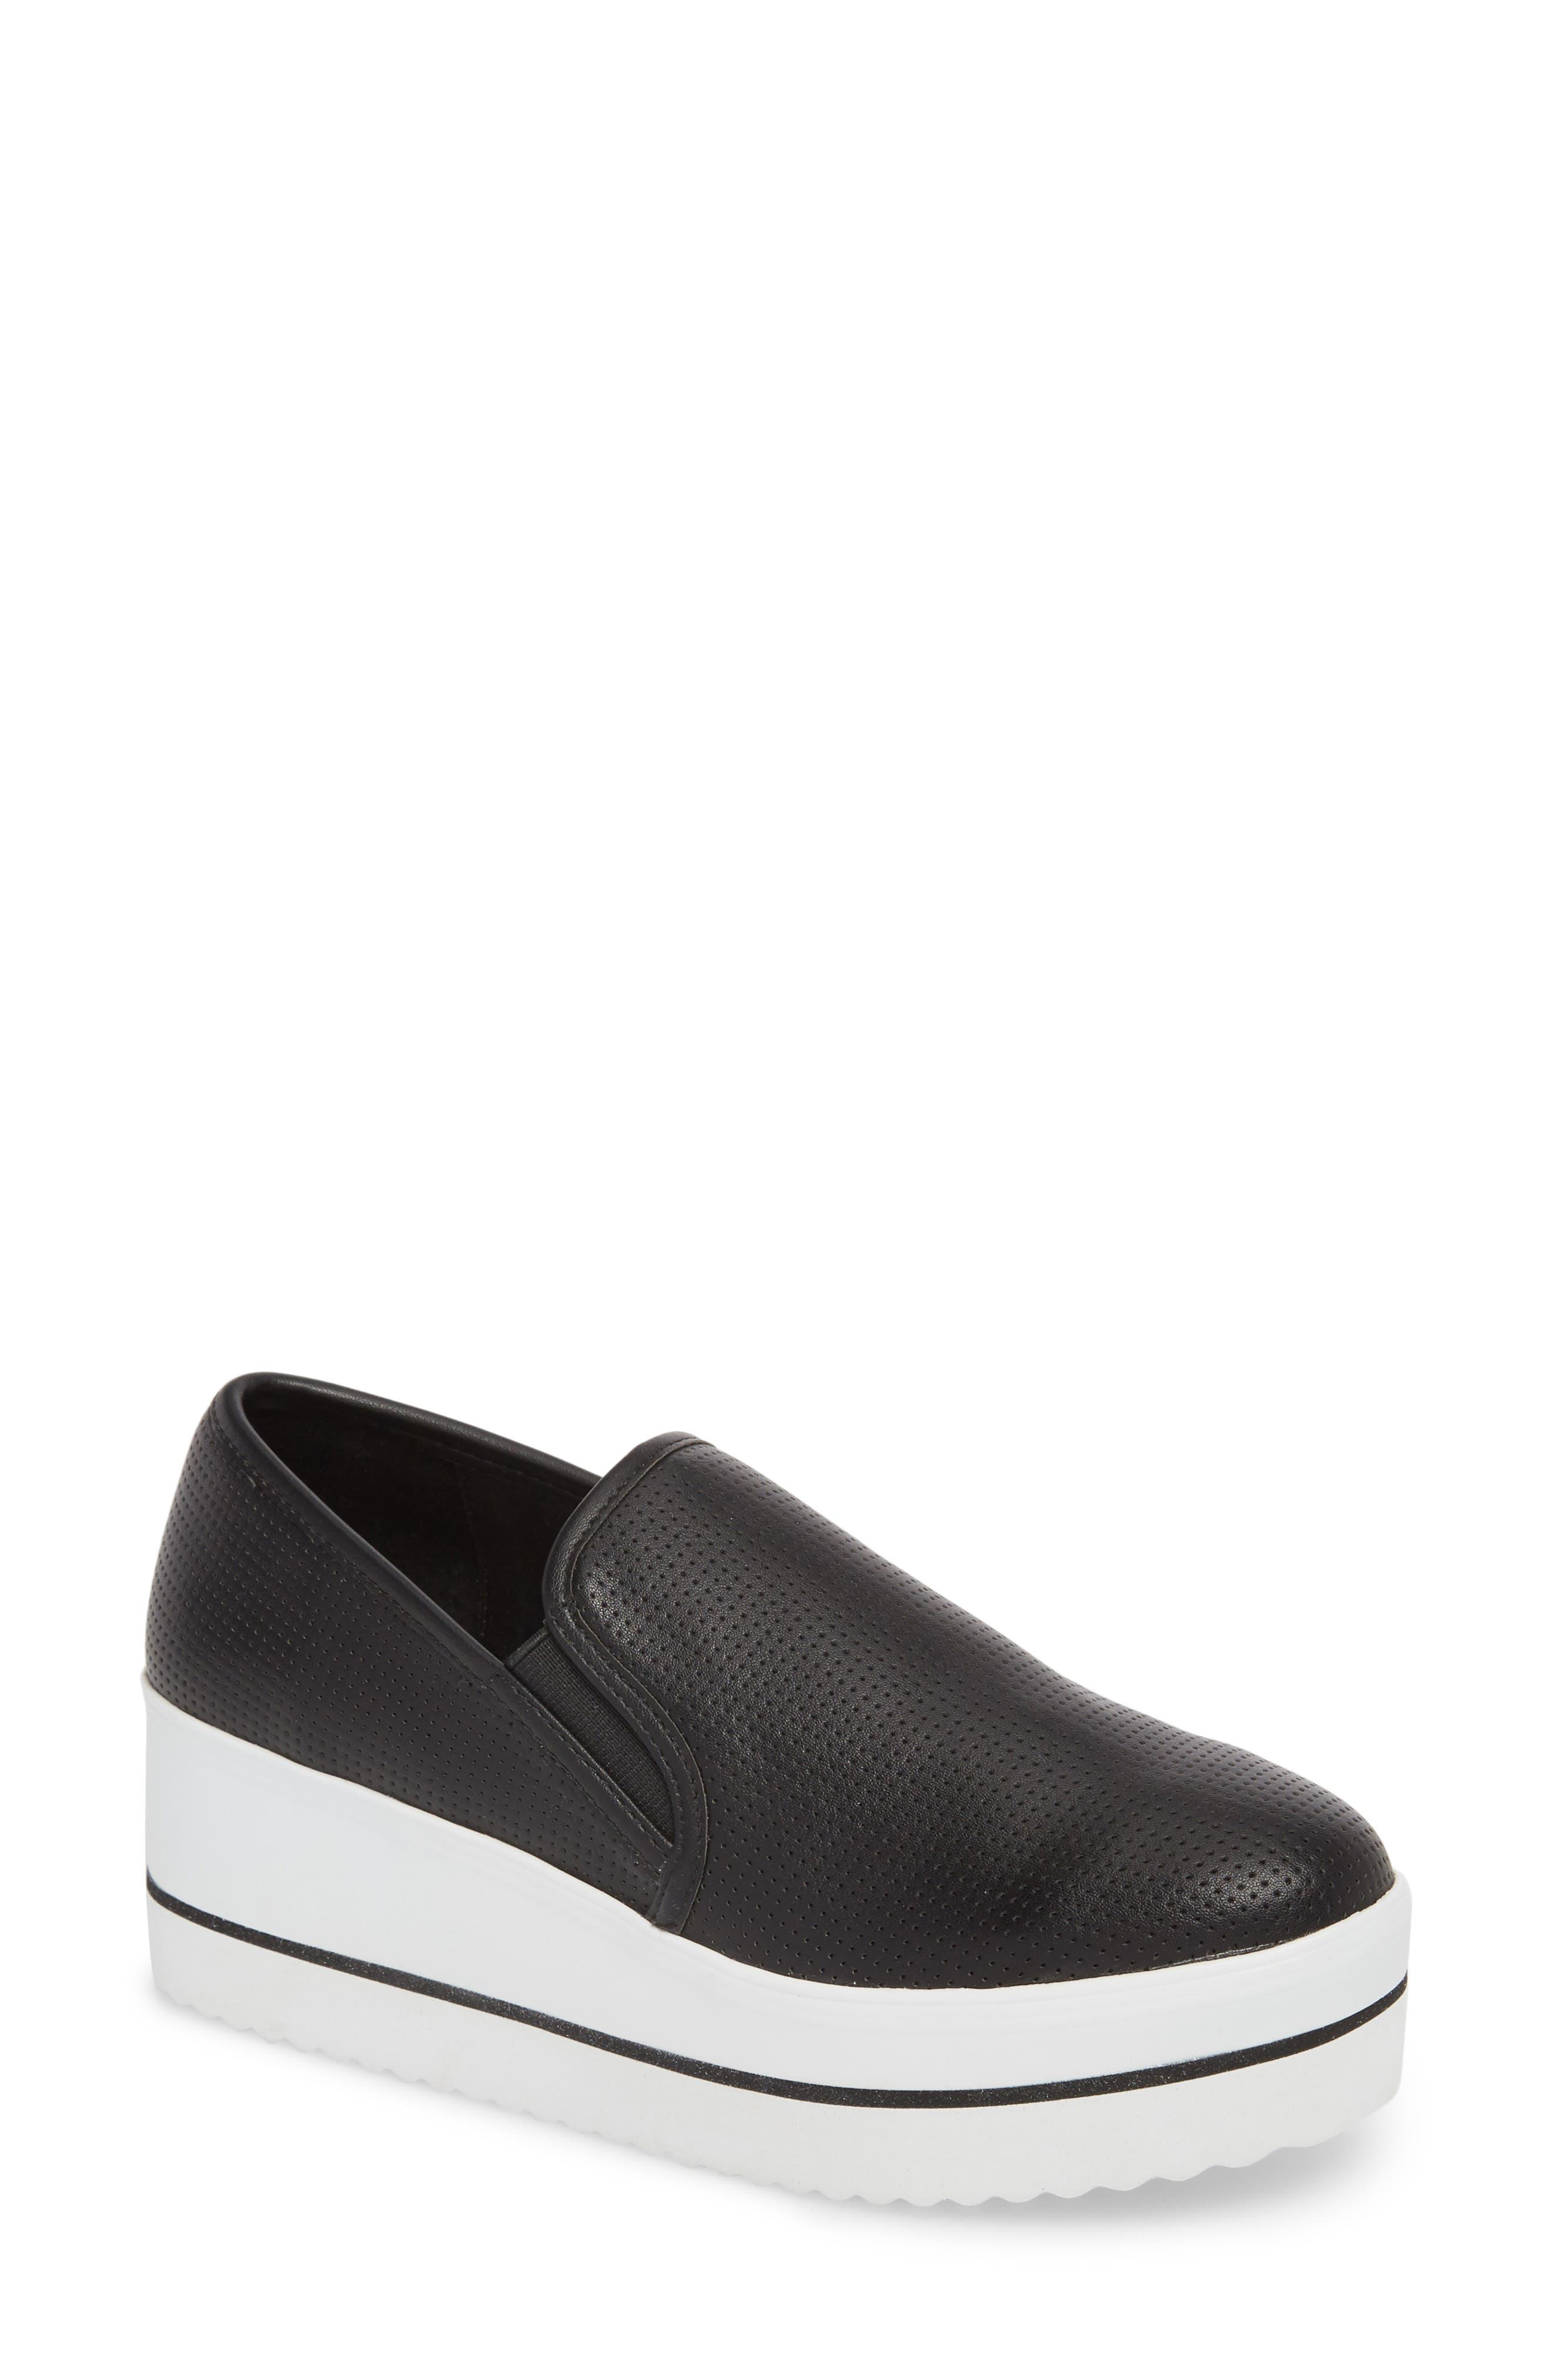 Becca Slip-On Sneaker,                             Main thumbnail 1, color,                             Black